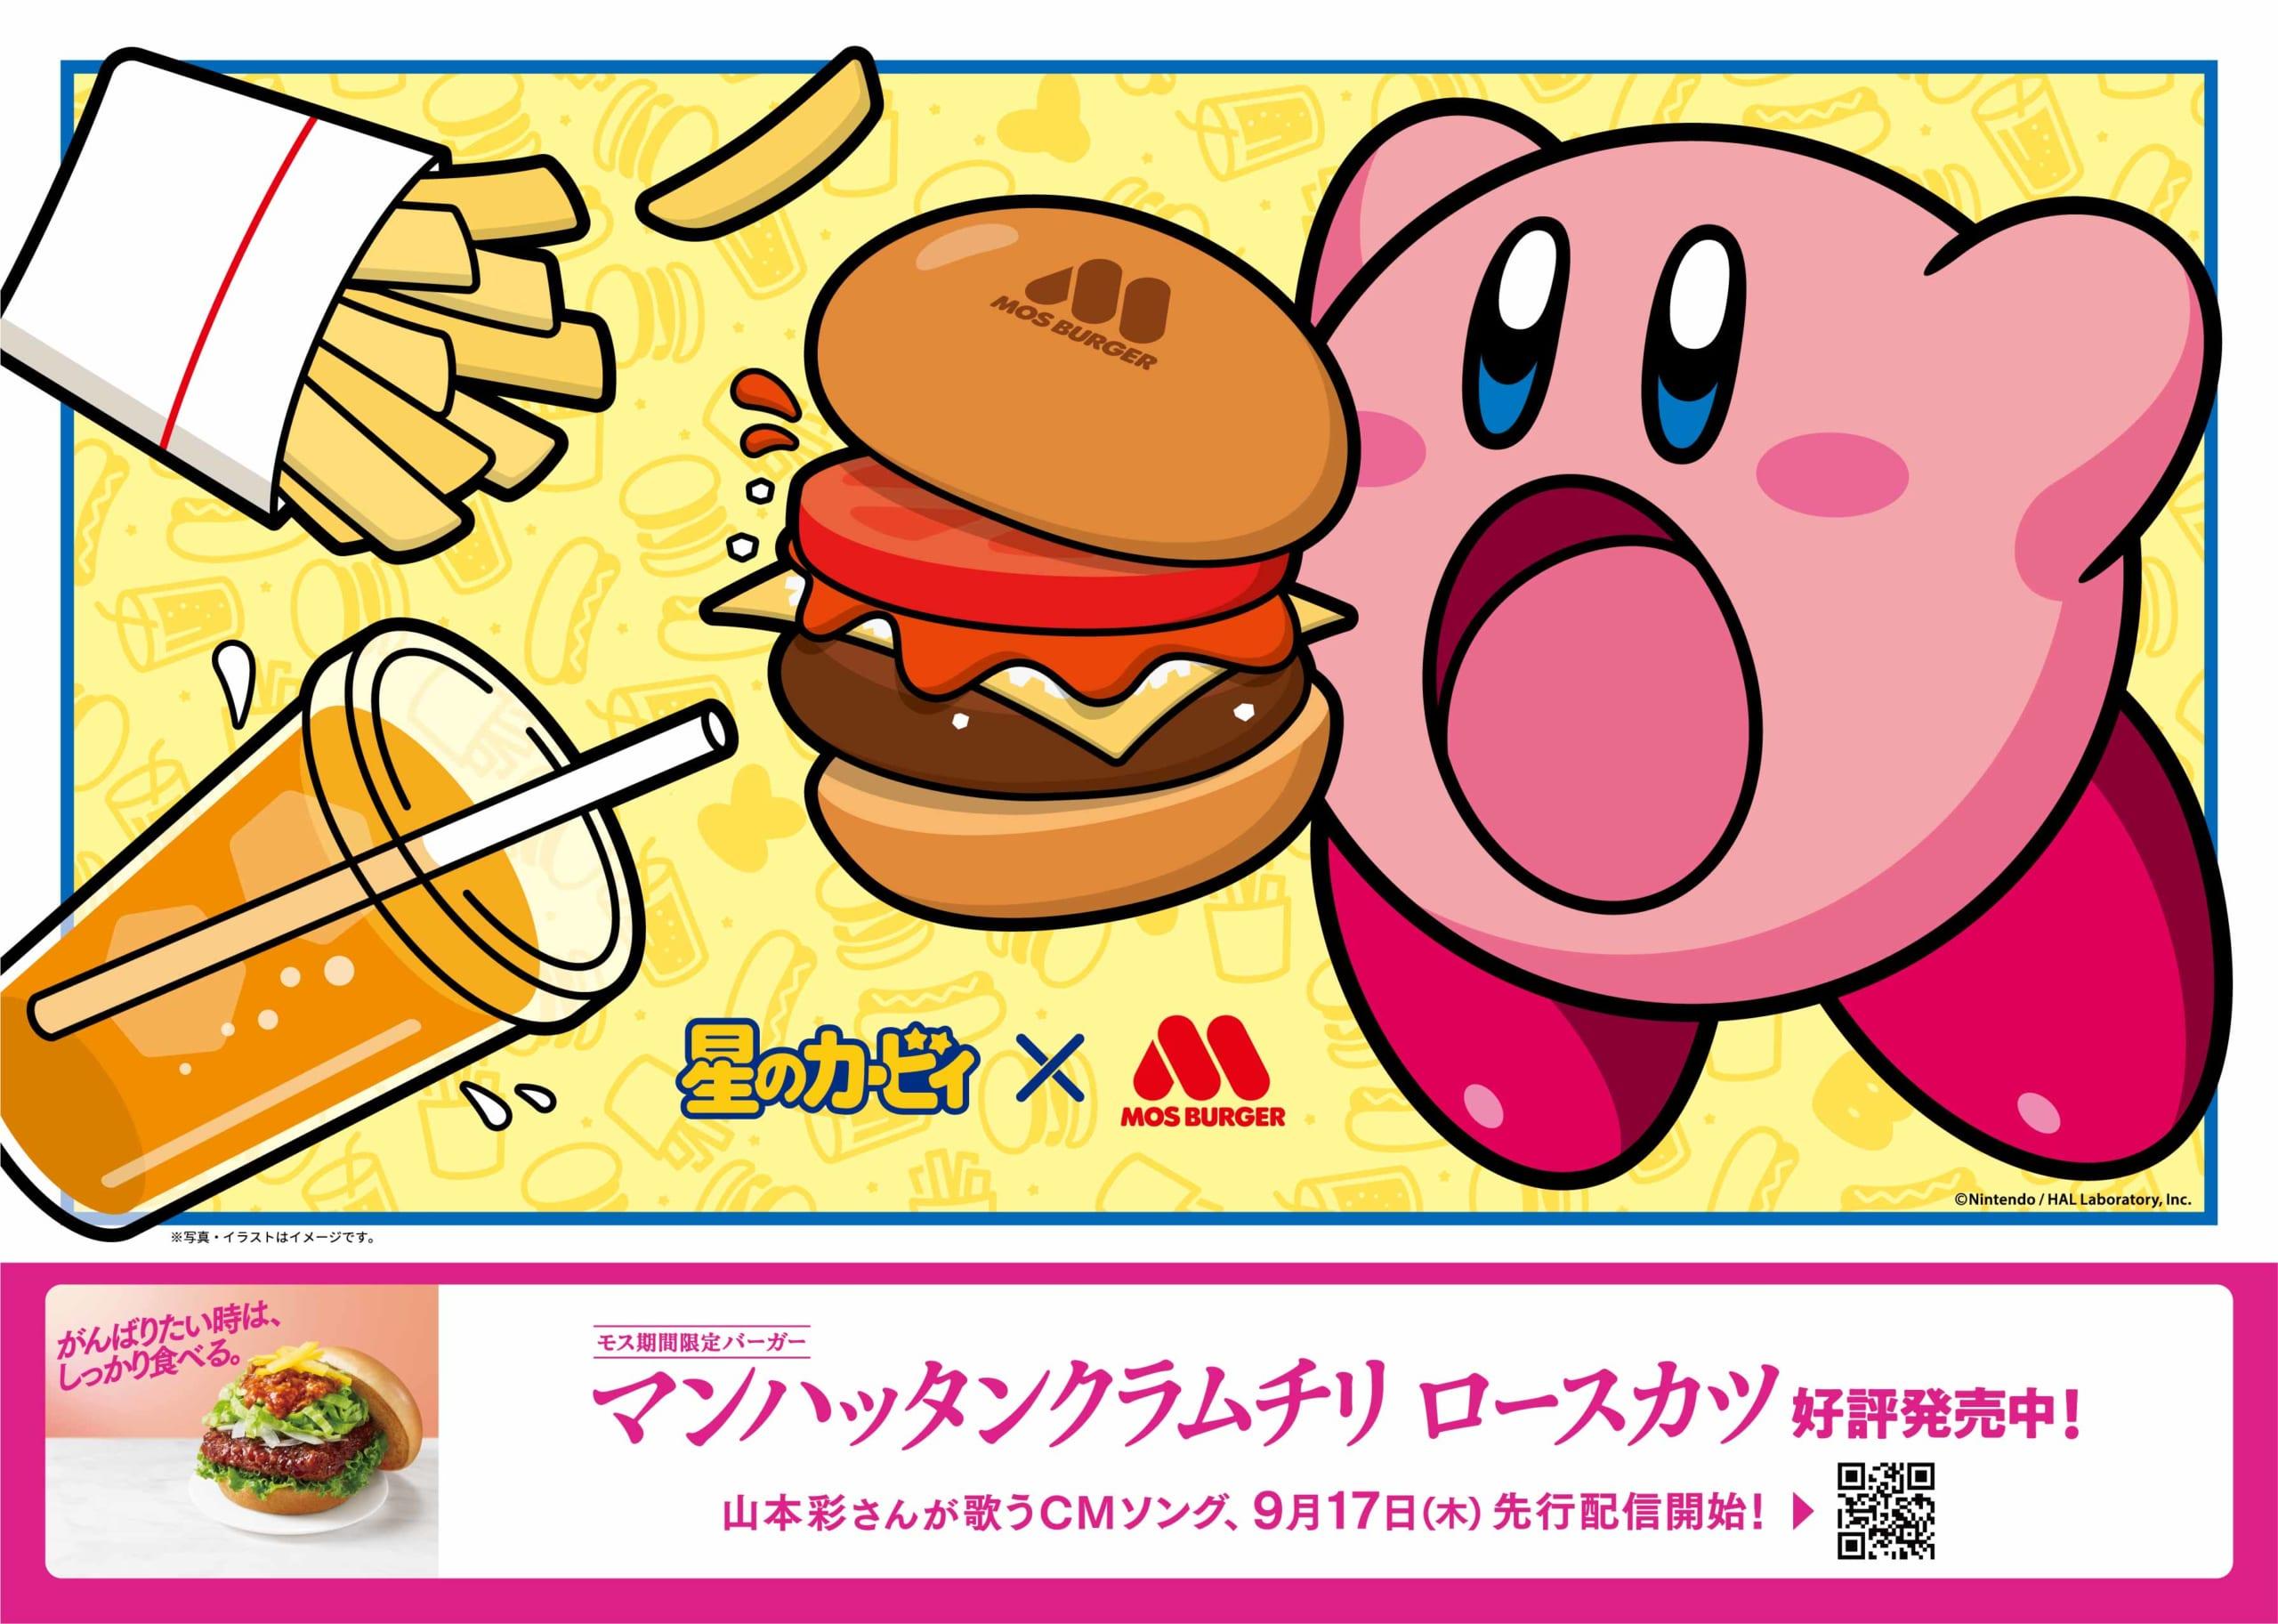 『星のカービィ』×「モスバーガー」コラボ決定!ハンバーガーを吸い込むカービィのイラストを使用したおもちゃ・包装紙などが登場